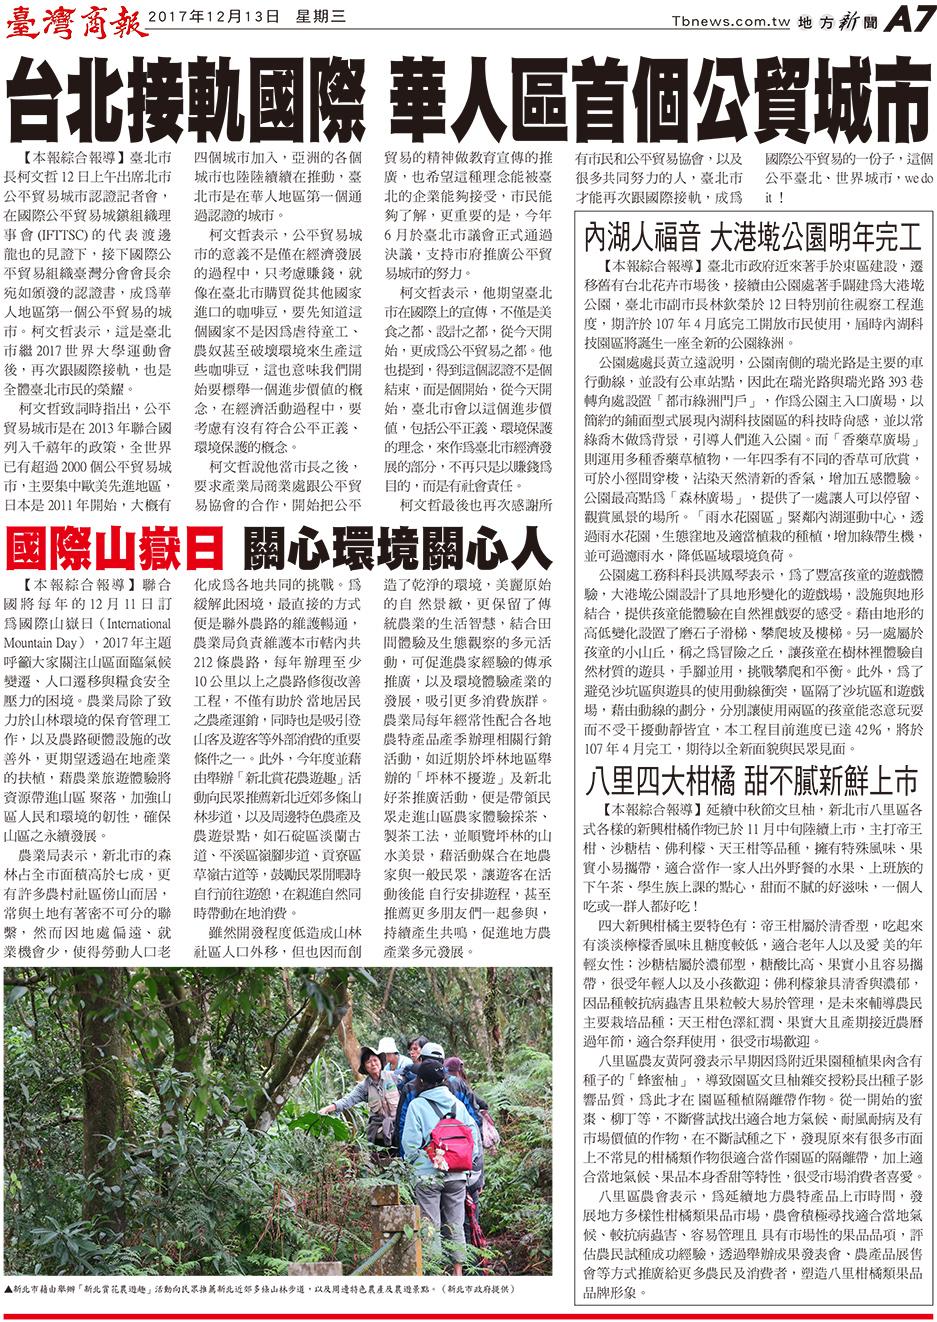 台北接軌國際 華人區首個公貿城市